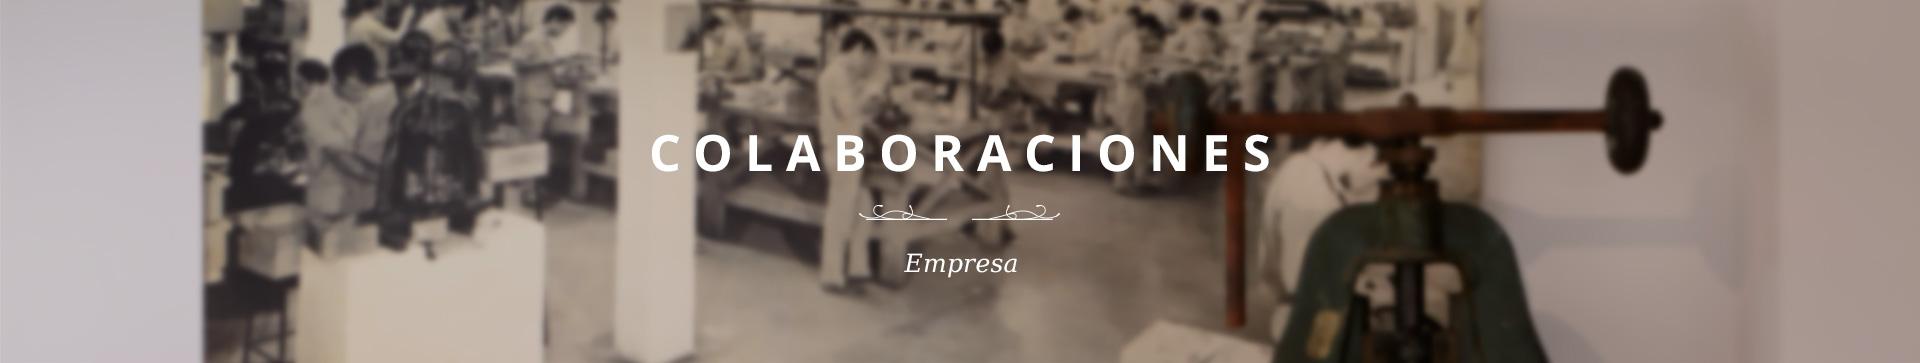 colaboraciones-2-3